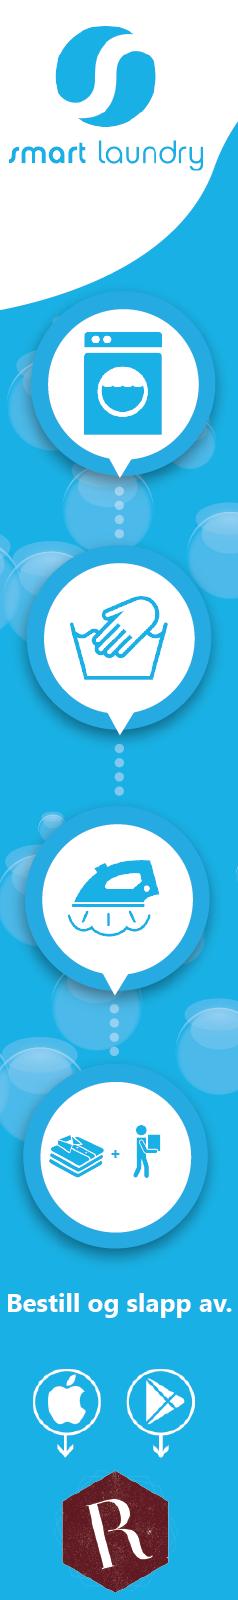 Vi henter, vasker, renser bretter og leverer direkte hjem på døren når det passer best for deg  Bestill rens og vask på under 30 sekunder  🌐 www.smart-laundry.no  Last ned appen: IOS: http://apple.co/2qRMUaF  Andriod: http://bit.ly/2qS82NZ  #smartlaundry #vasker #renser #stryker #bretterogleverer #vaskpåunder30sekunder #bestillogslappav